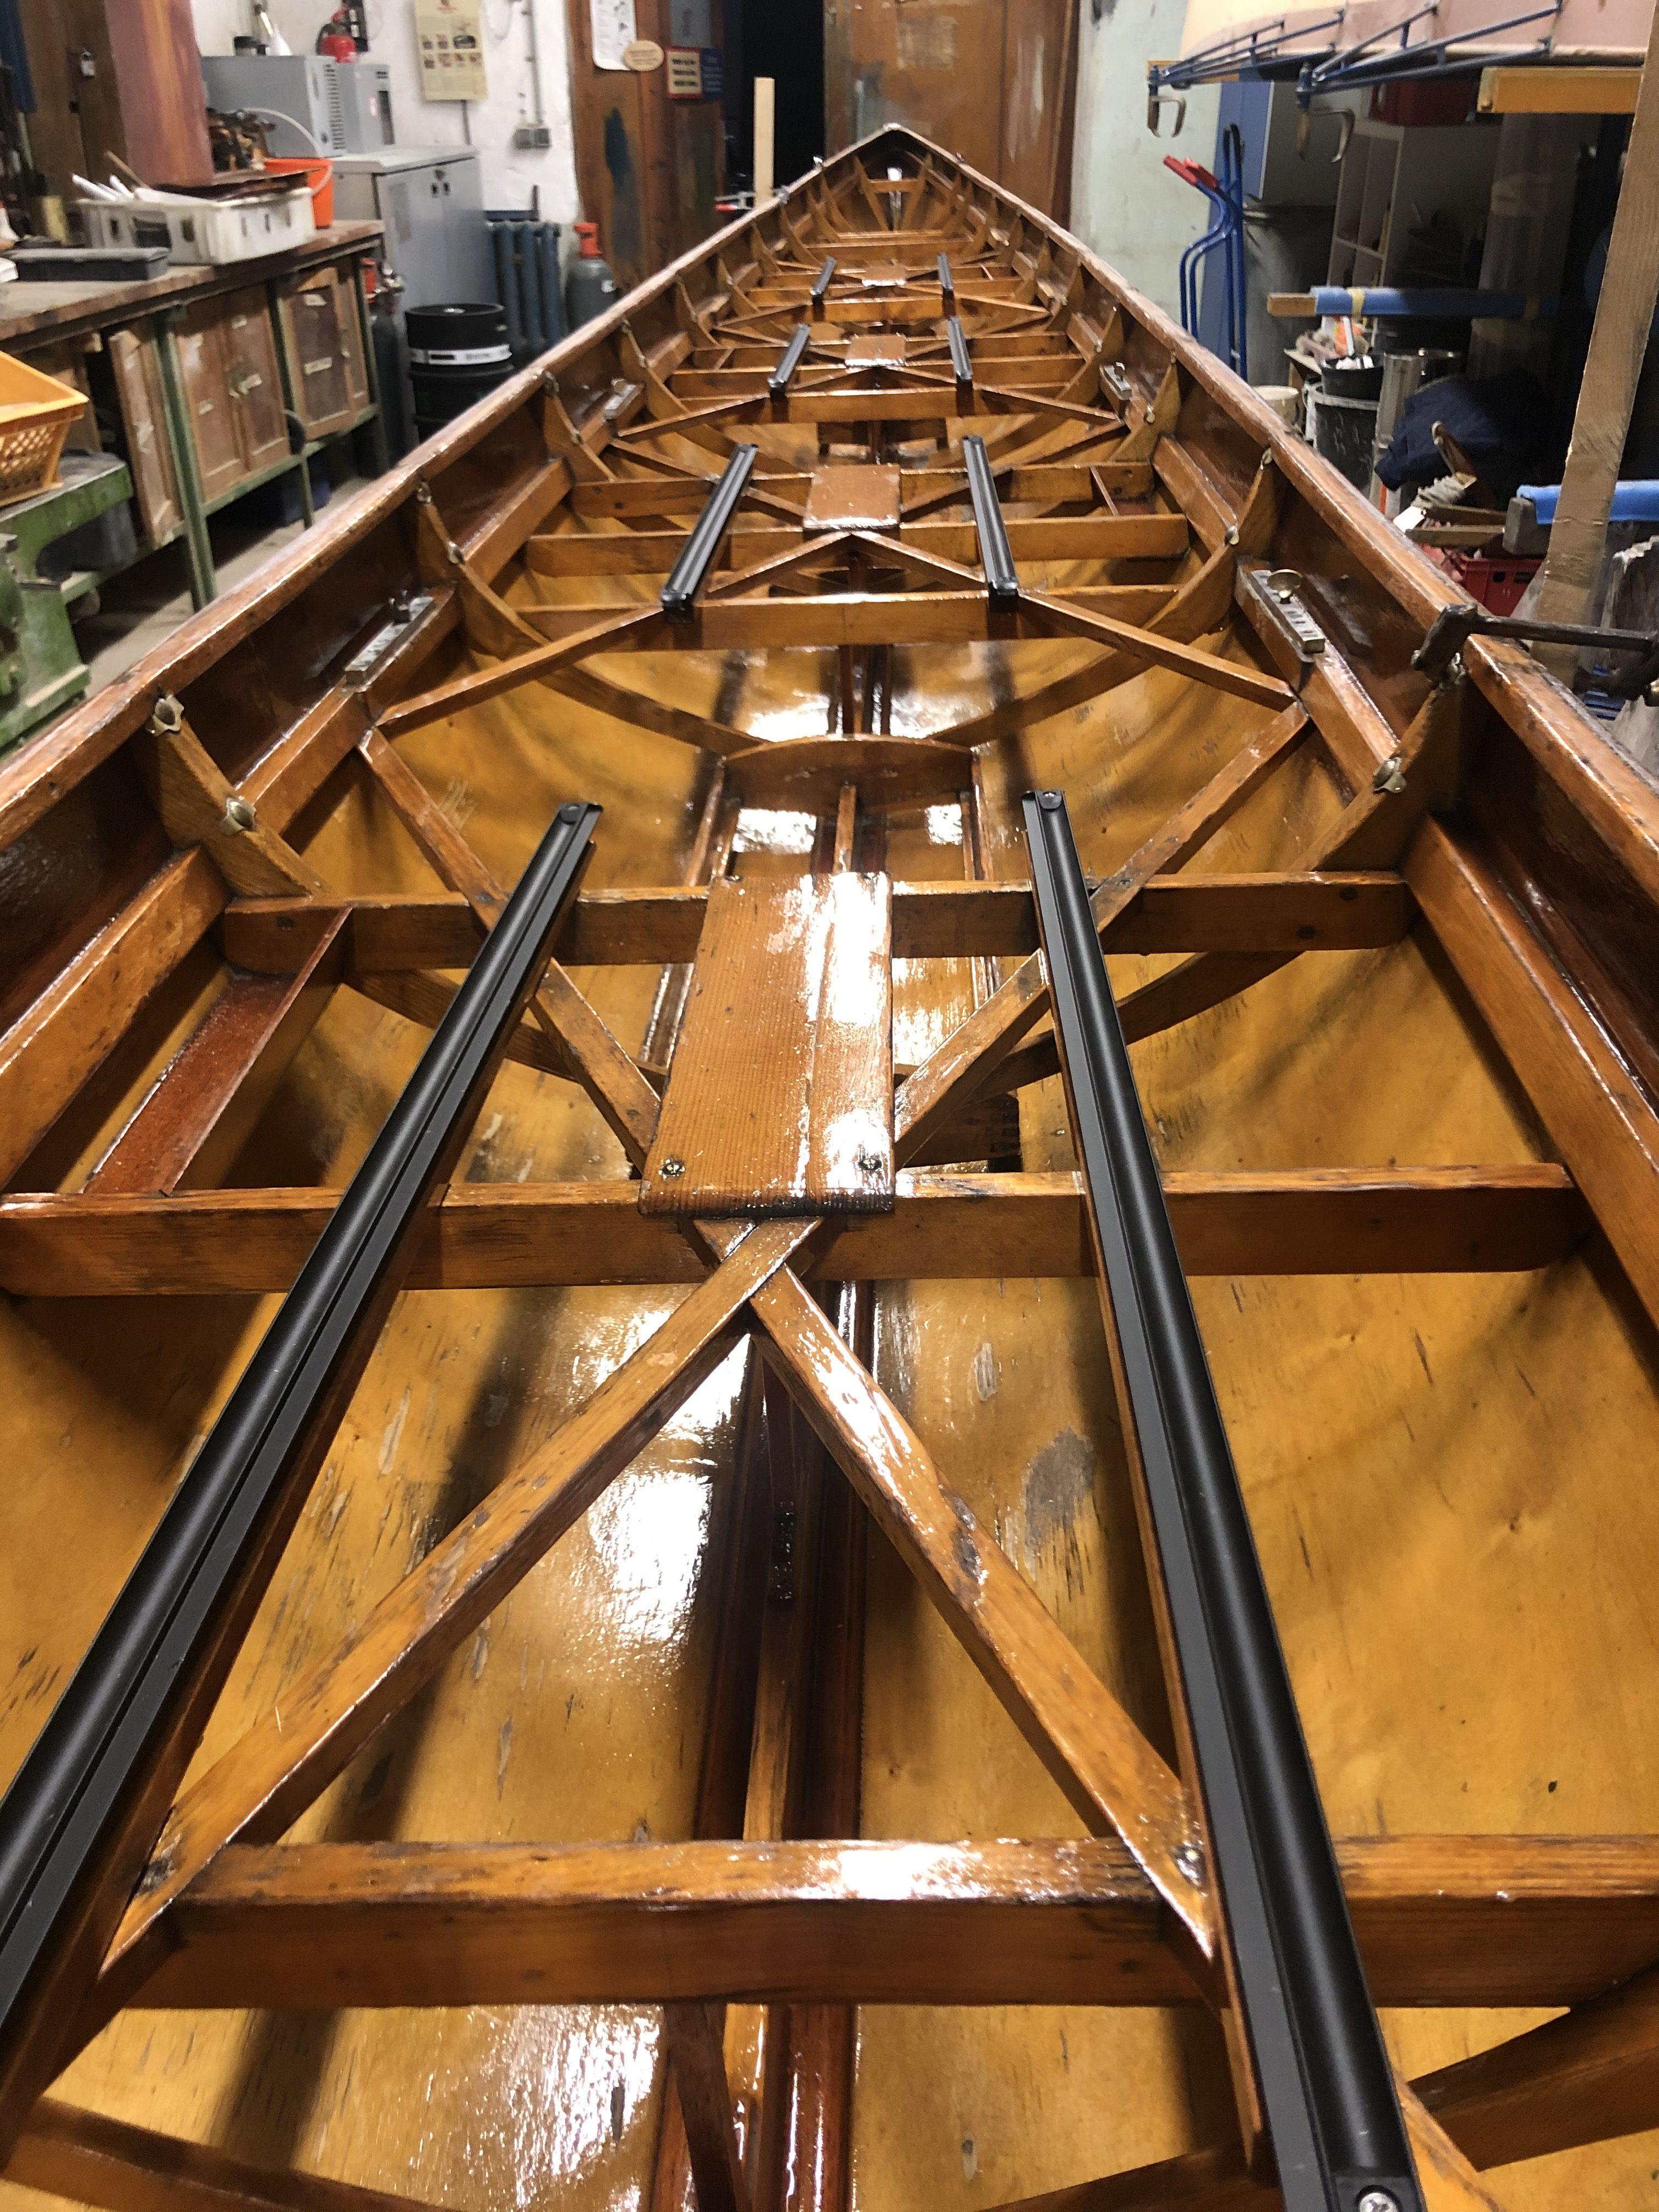 Vorbereitung für die Saison – Bootsüberholung